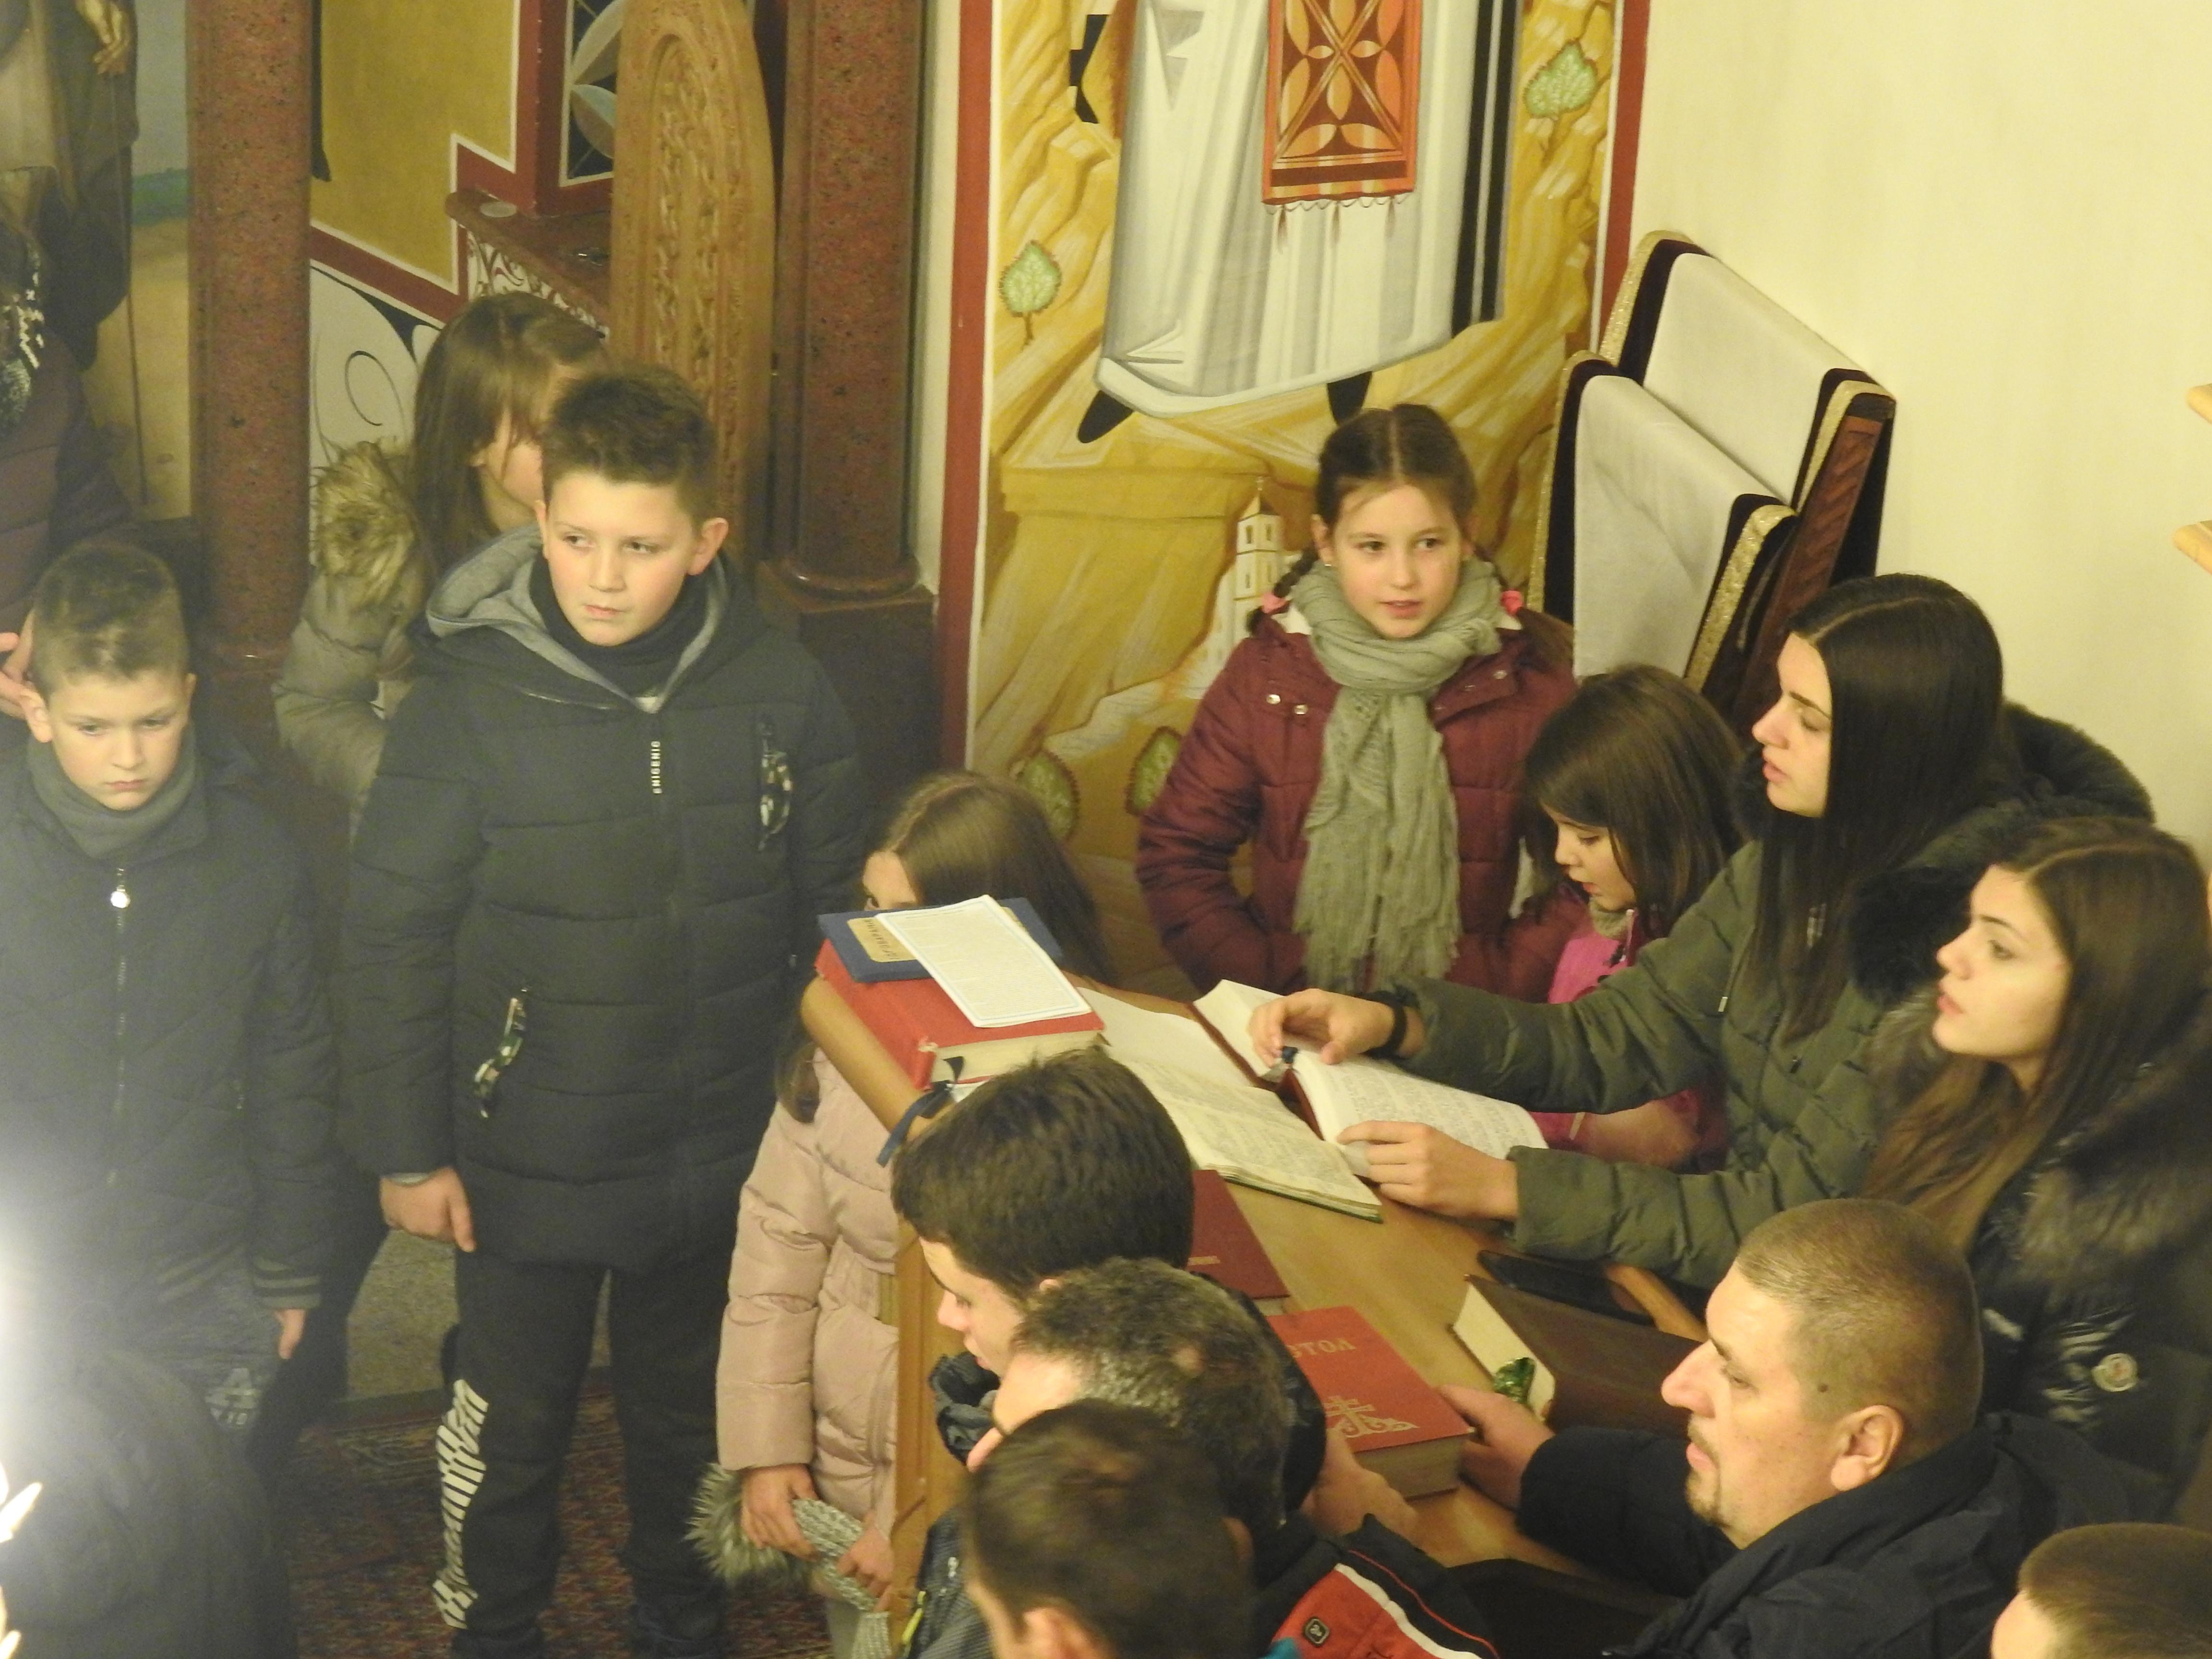 Djeca na Bozićnoj liturgiji 18